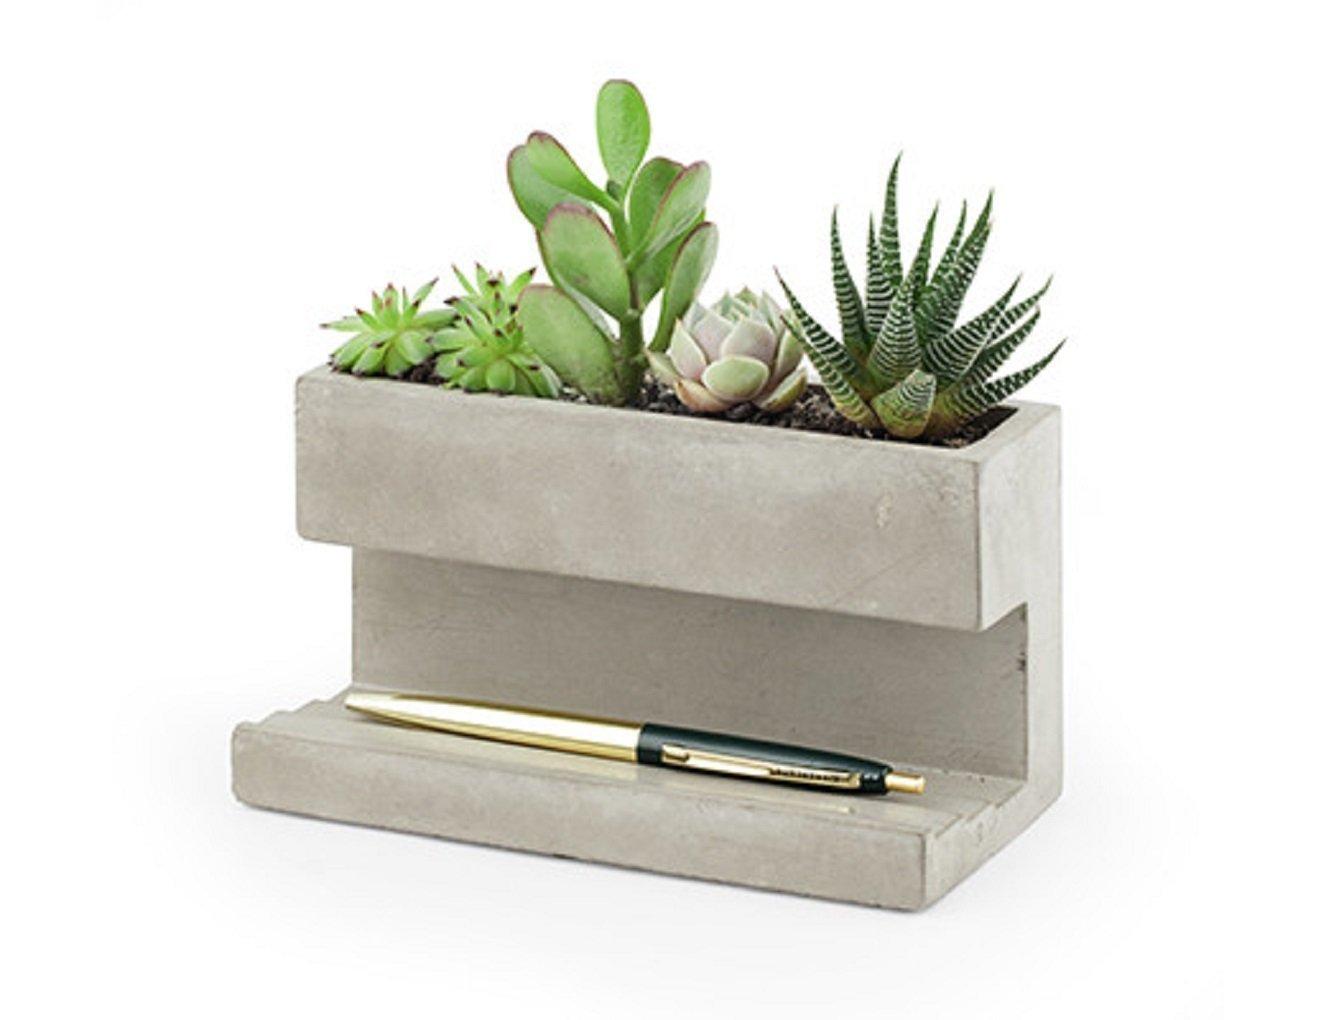 Kikkerland Concrete Desktop Planter, Large (PL02-L) by Kikkerland